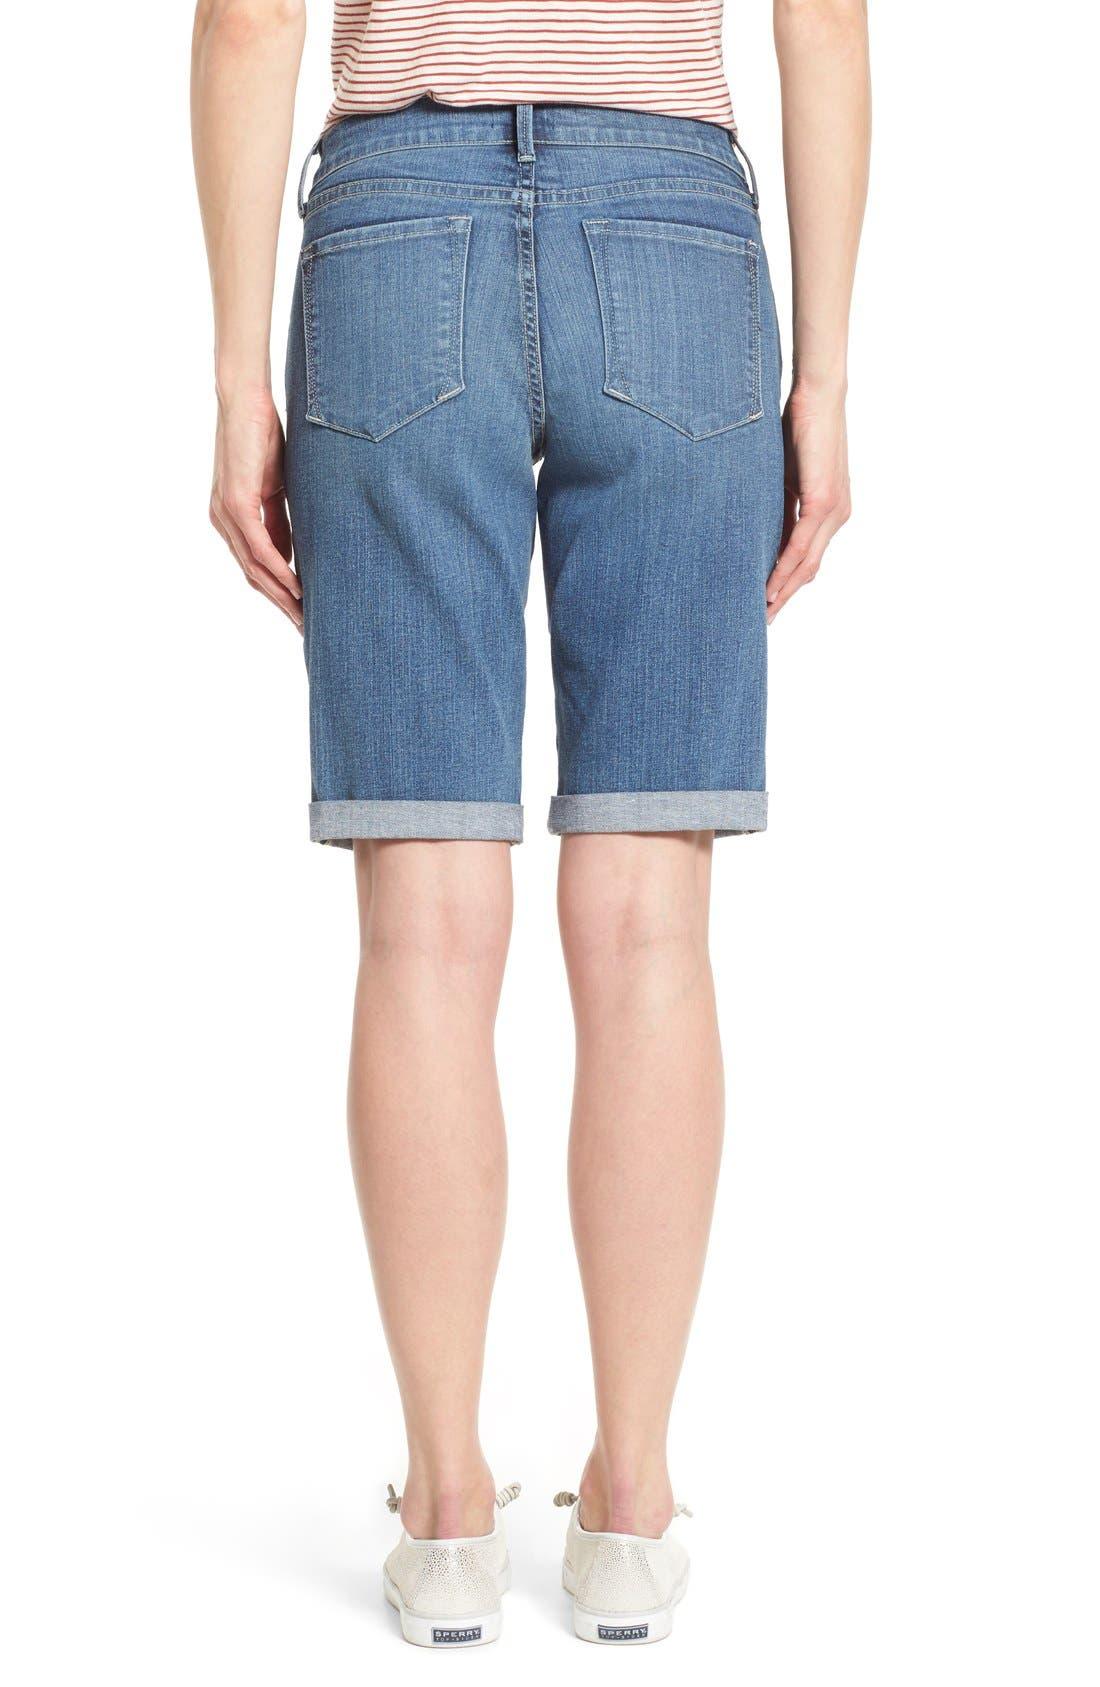 Briella Roll Cuff Stretch Denim Shorts,                             Alternate thumbnail 2, color,                             Heyburn